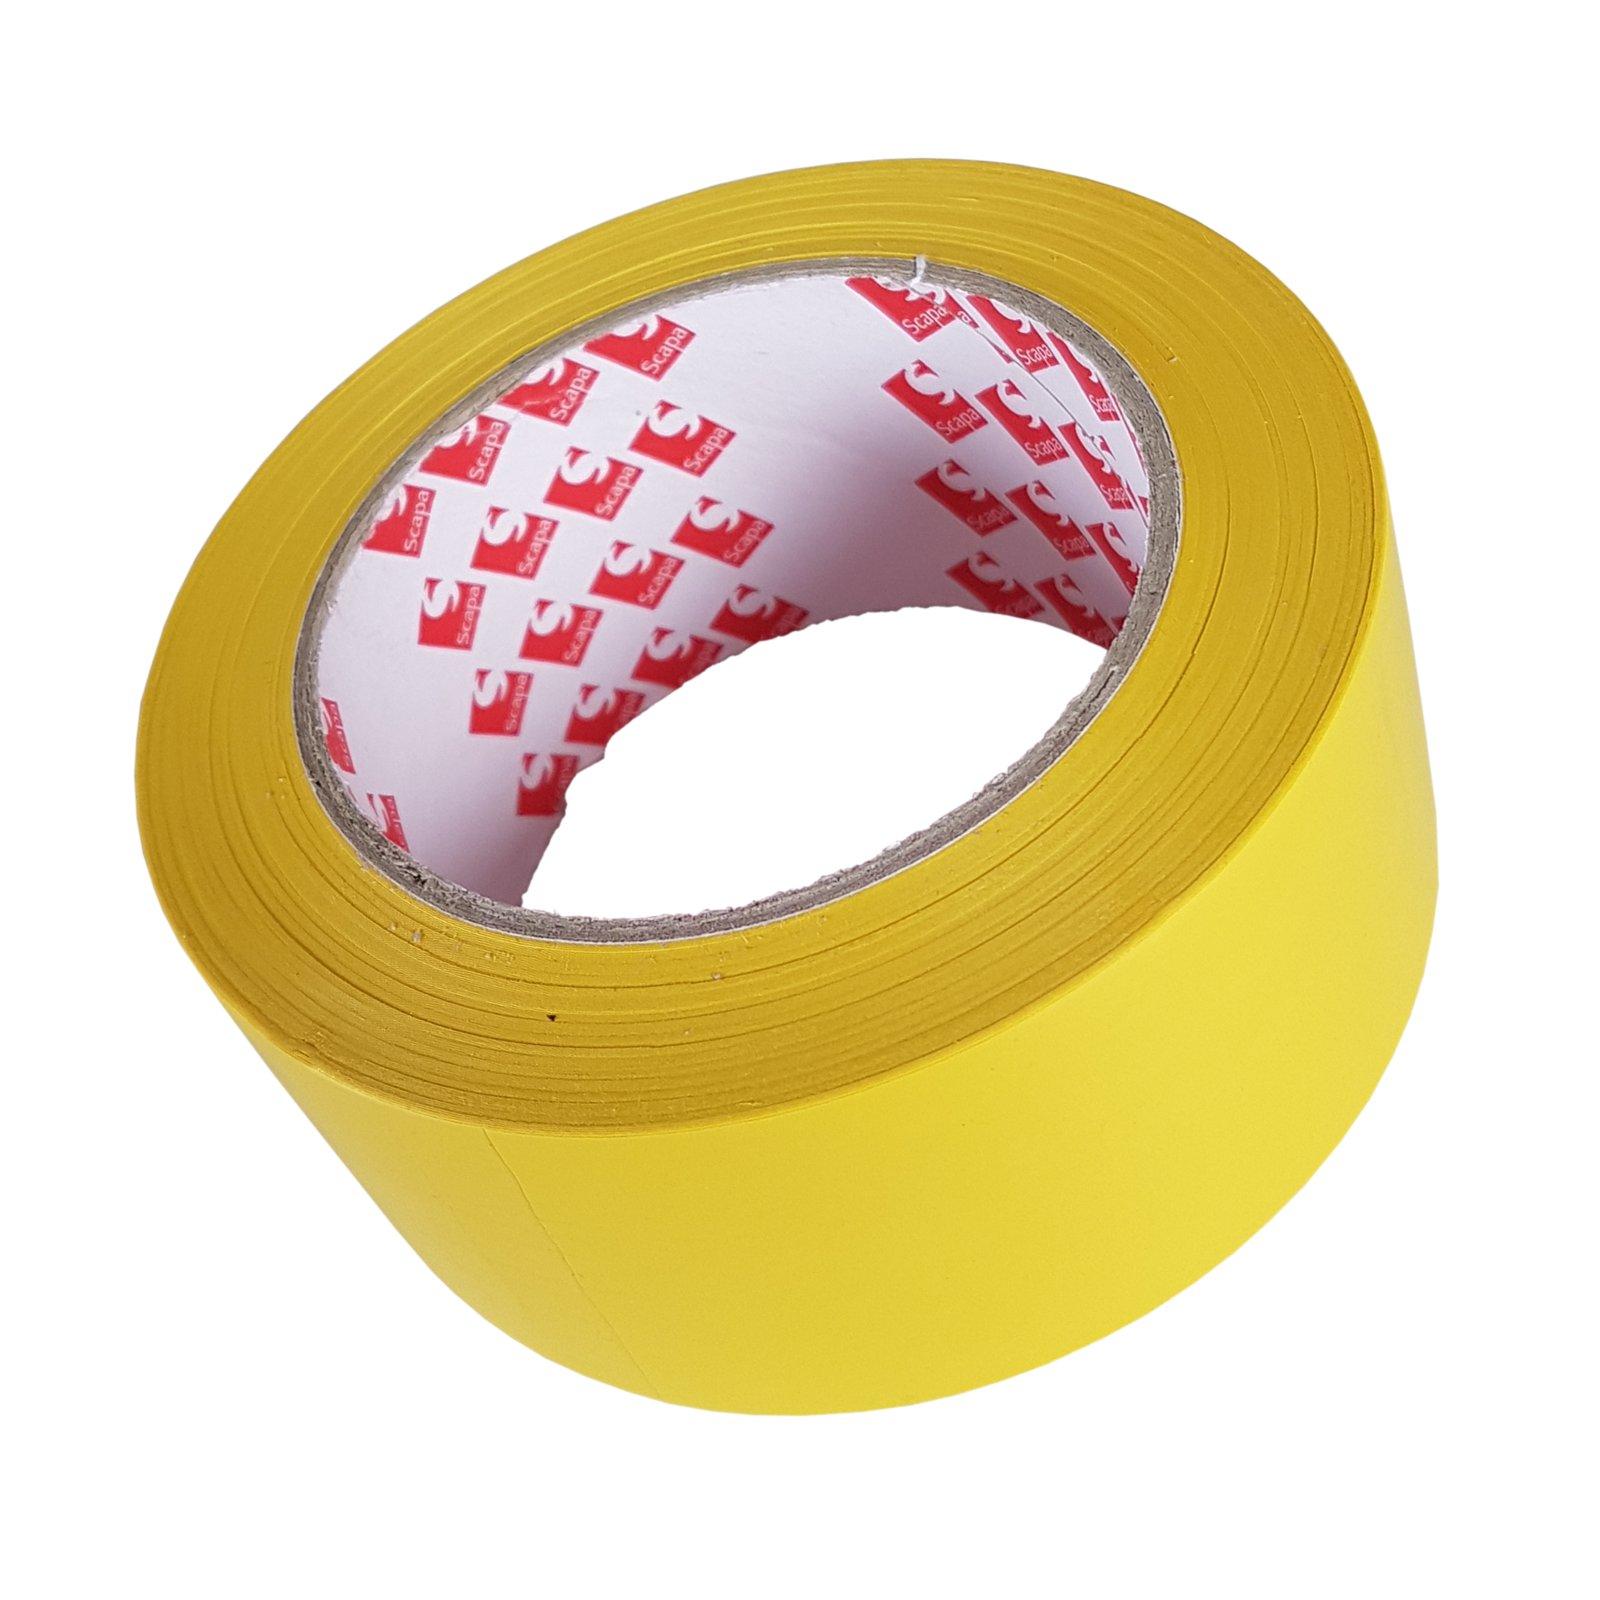 лента маркировочный модуль предупреждения Скапа 50 мм /33м желтая